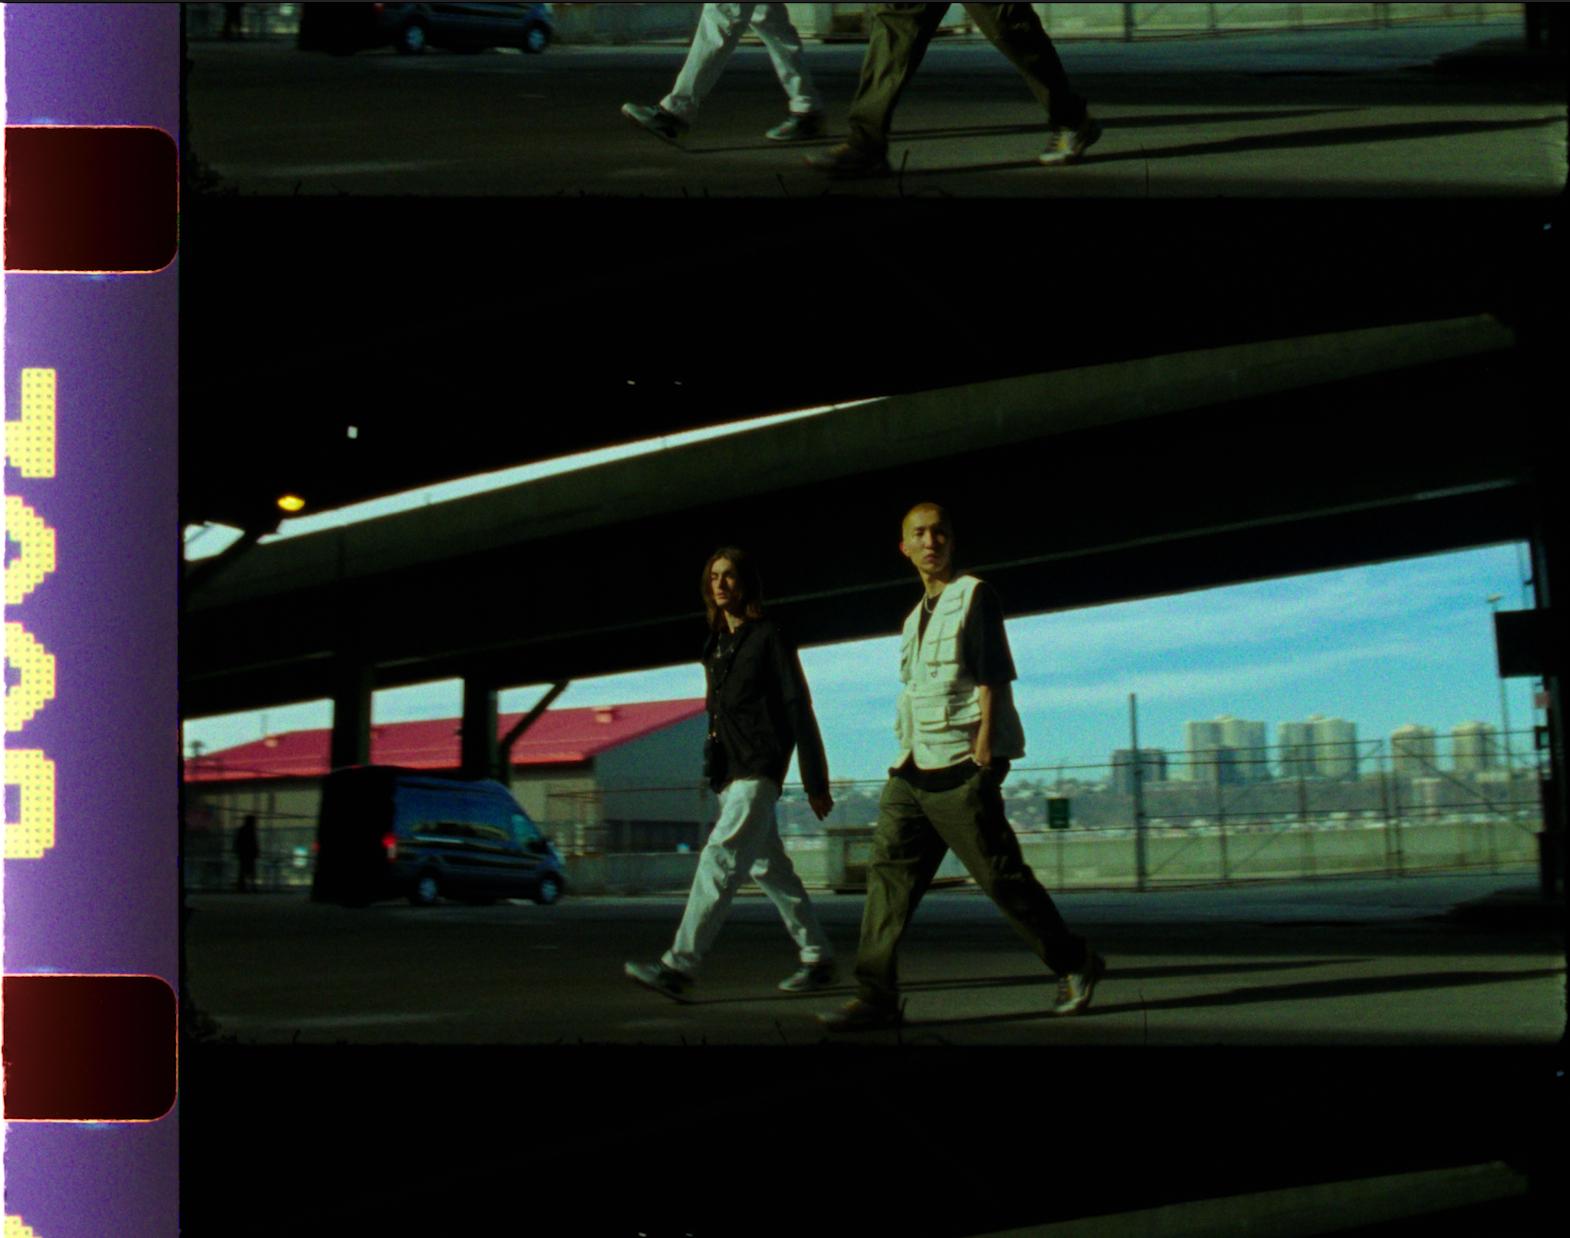 Screen+Shot+2019-02-05+at+2.24.48+PM.png